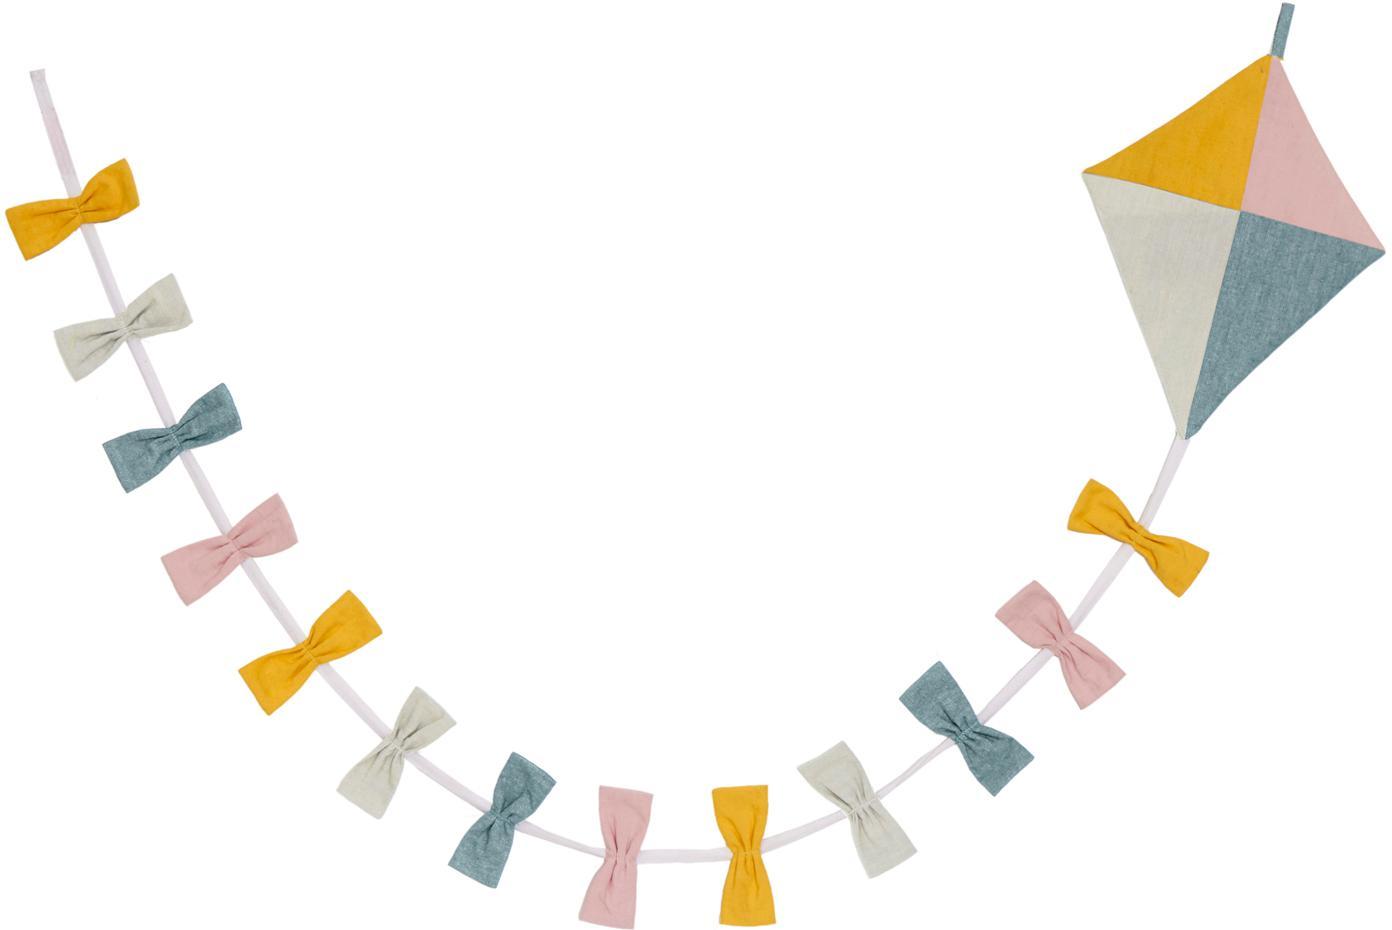 Girlande Kite aus Bio-Baumwolle, 180 cm, Bio-Baumwolle, Mehrfarbig, L 180 x H 15 cm